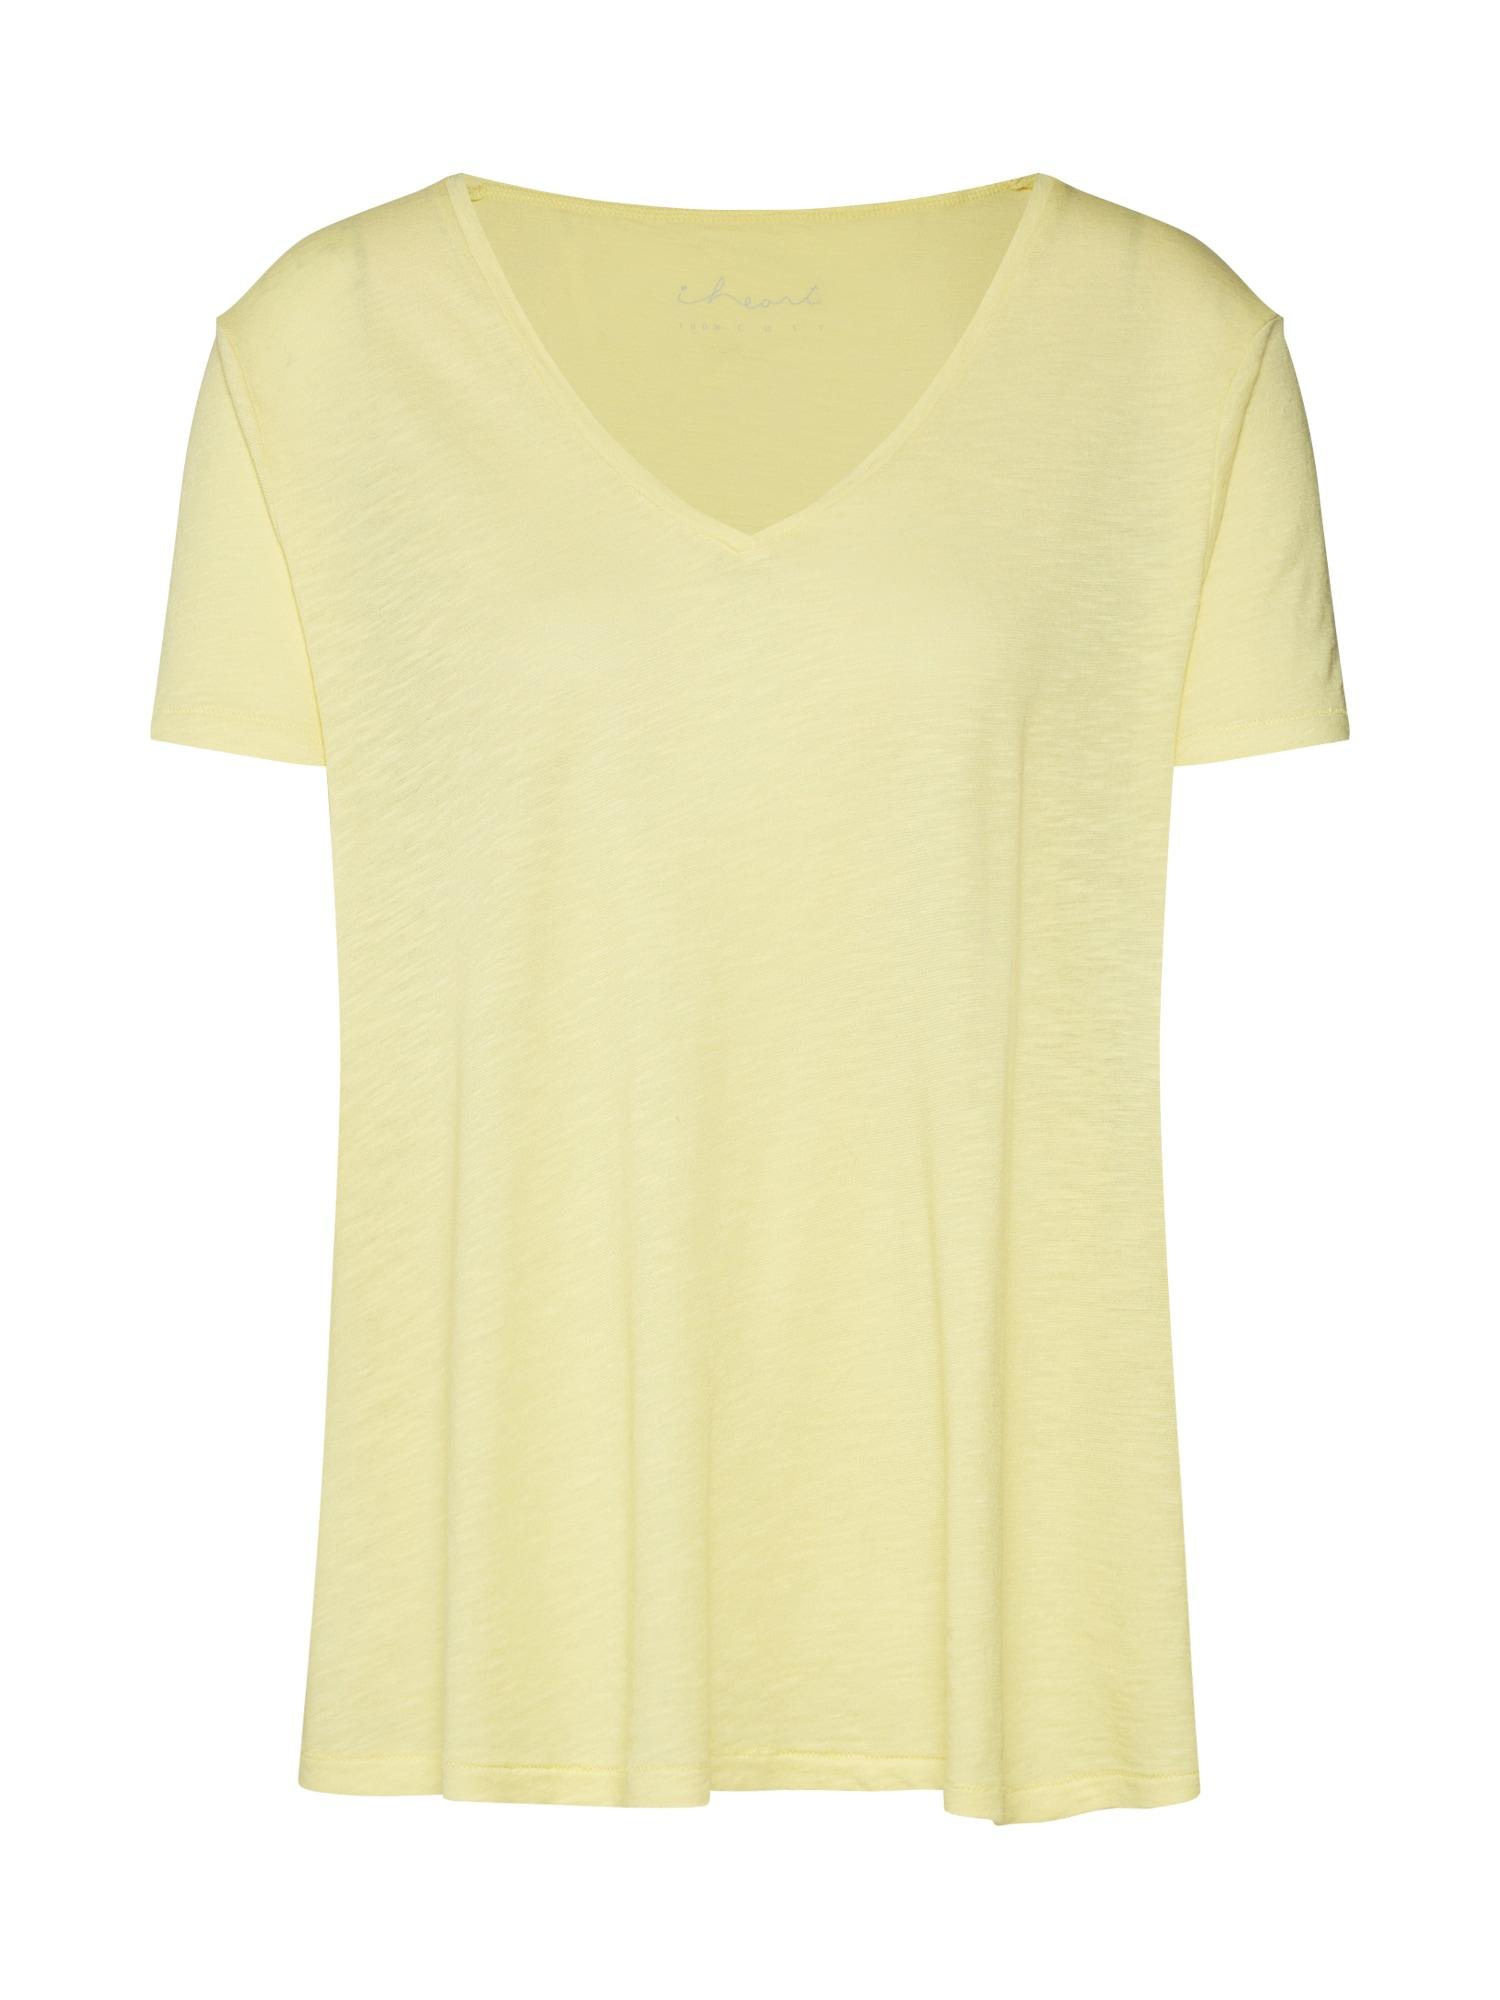 Tričko Wanda žlutá Iheart